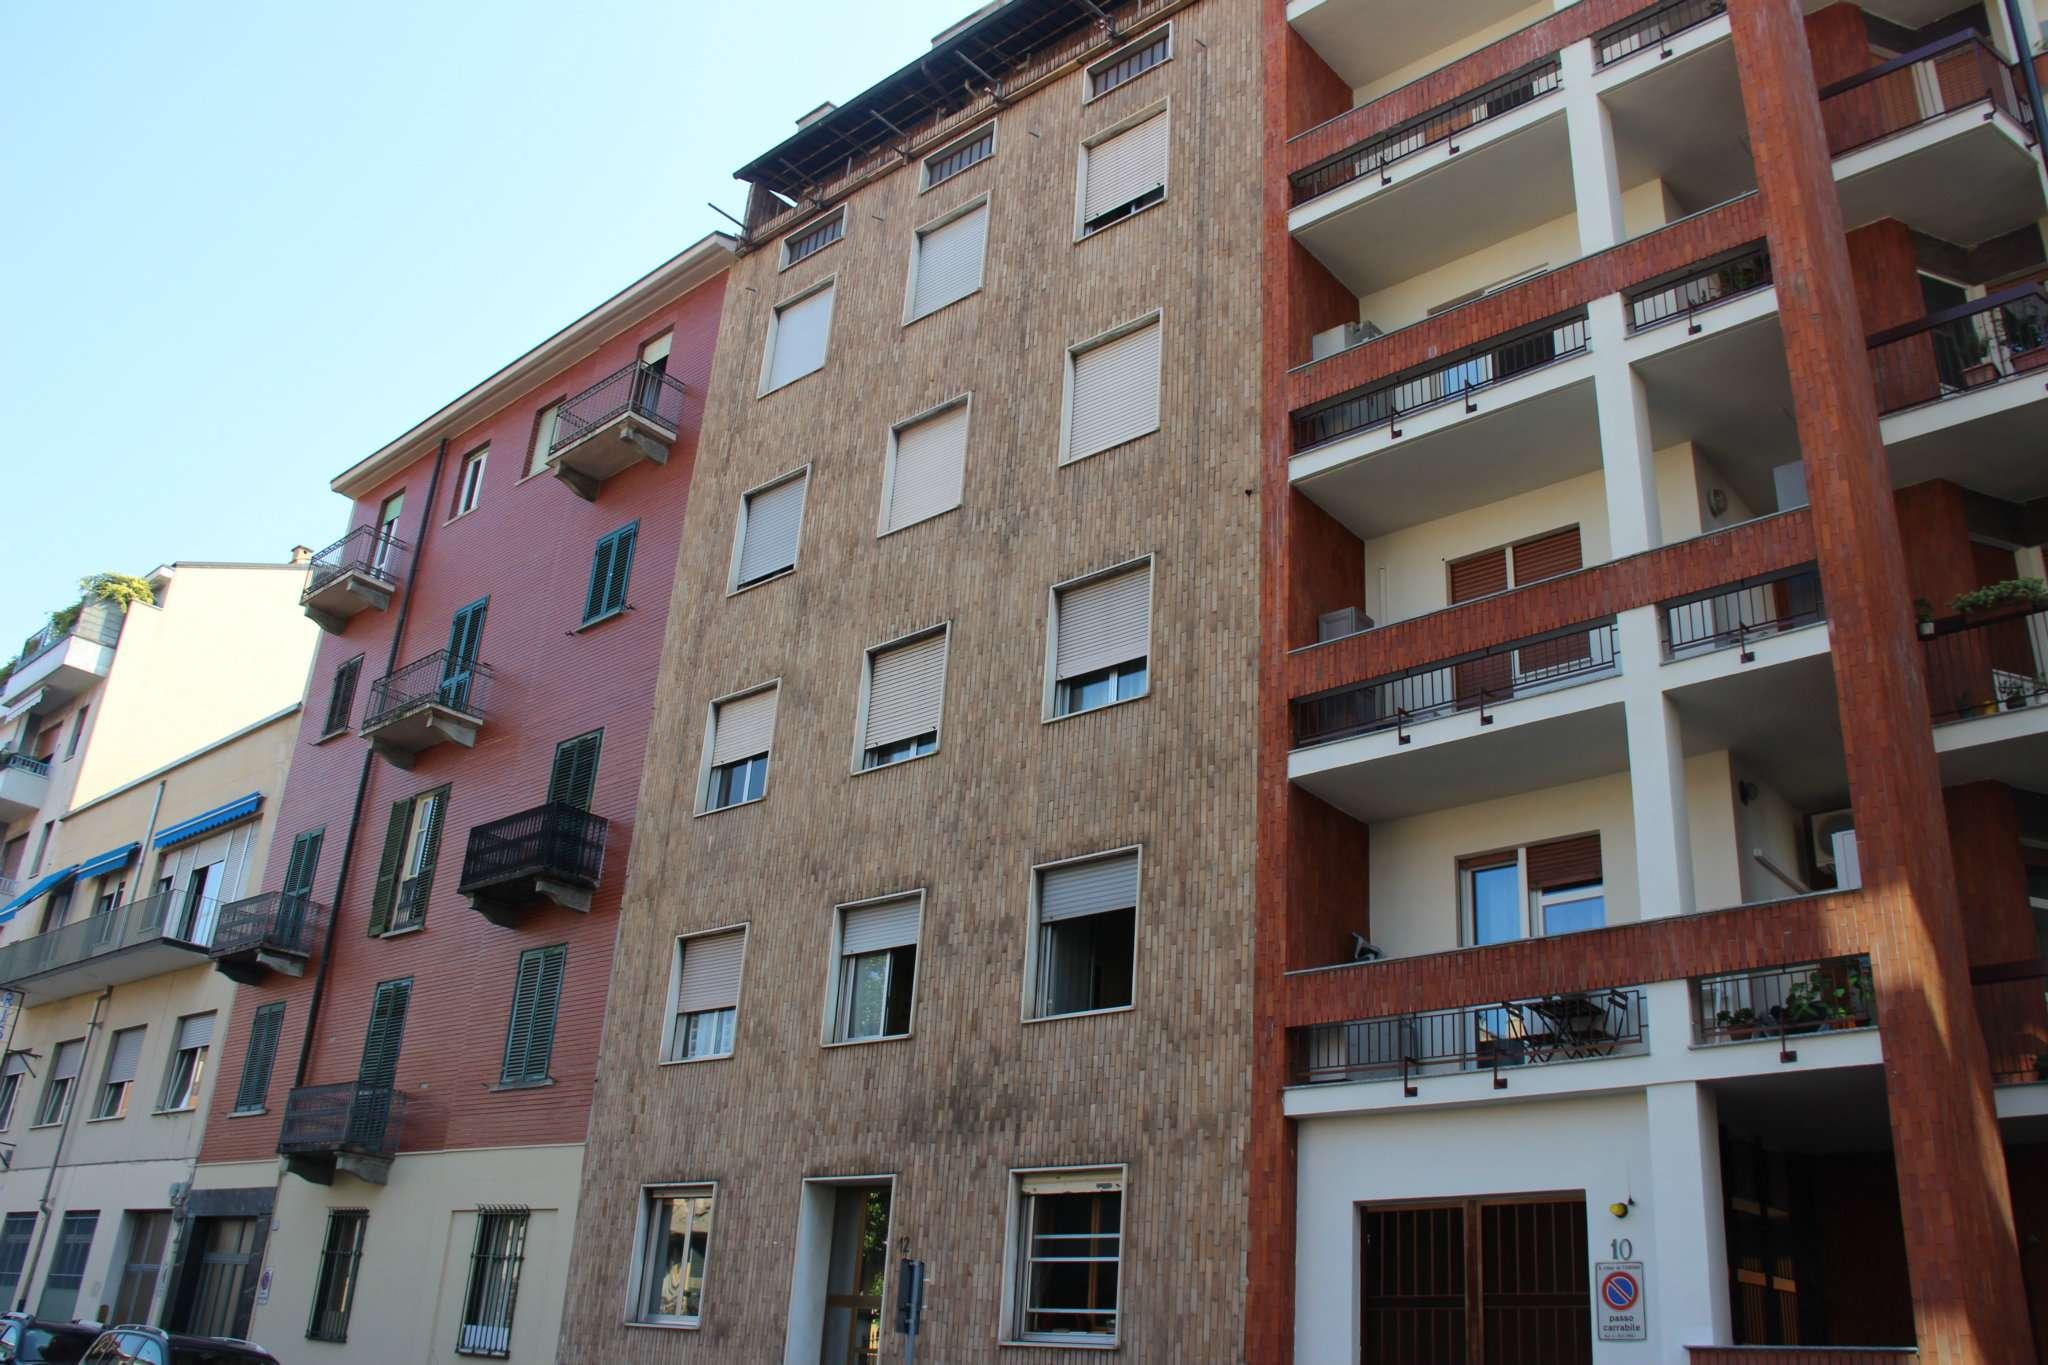 Immagine immobiliare Ottima opportunità da investimento Cit Turin, Via Alpignano, proponiamo al secondo piano di decoroso stabile anni '60 dotato di ascensore ampio bilocale di circa 50 mq.L'appartamento gode di doppia esposizione ed...